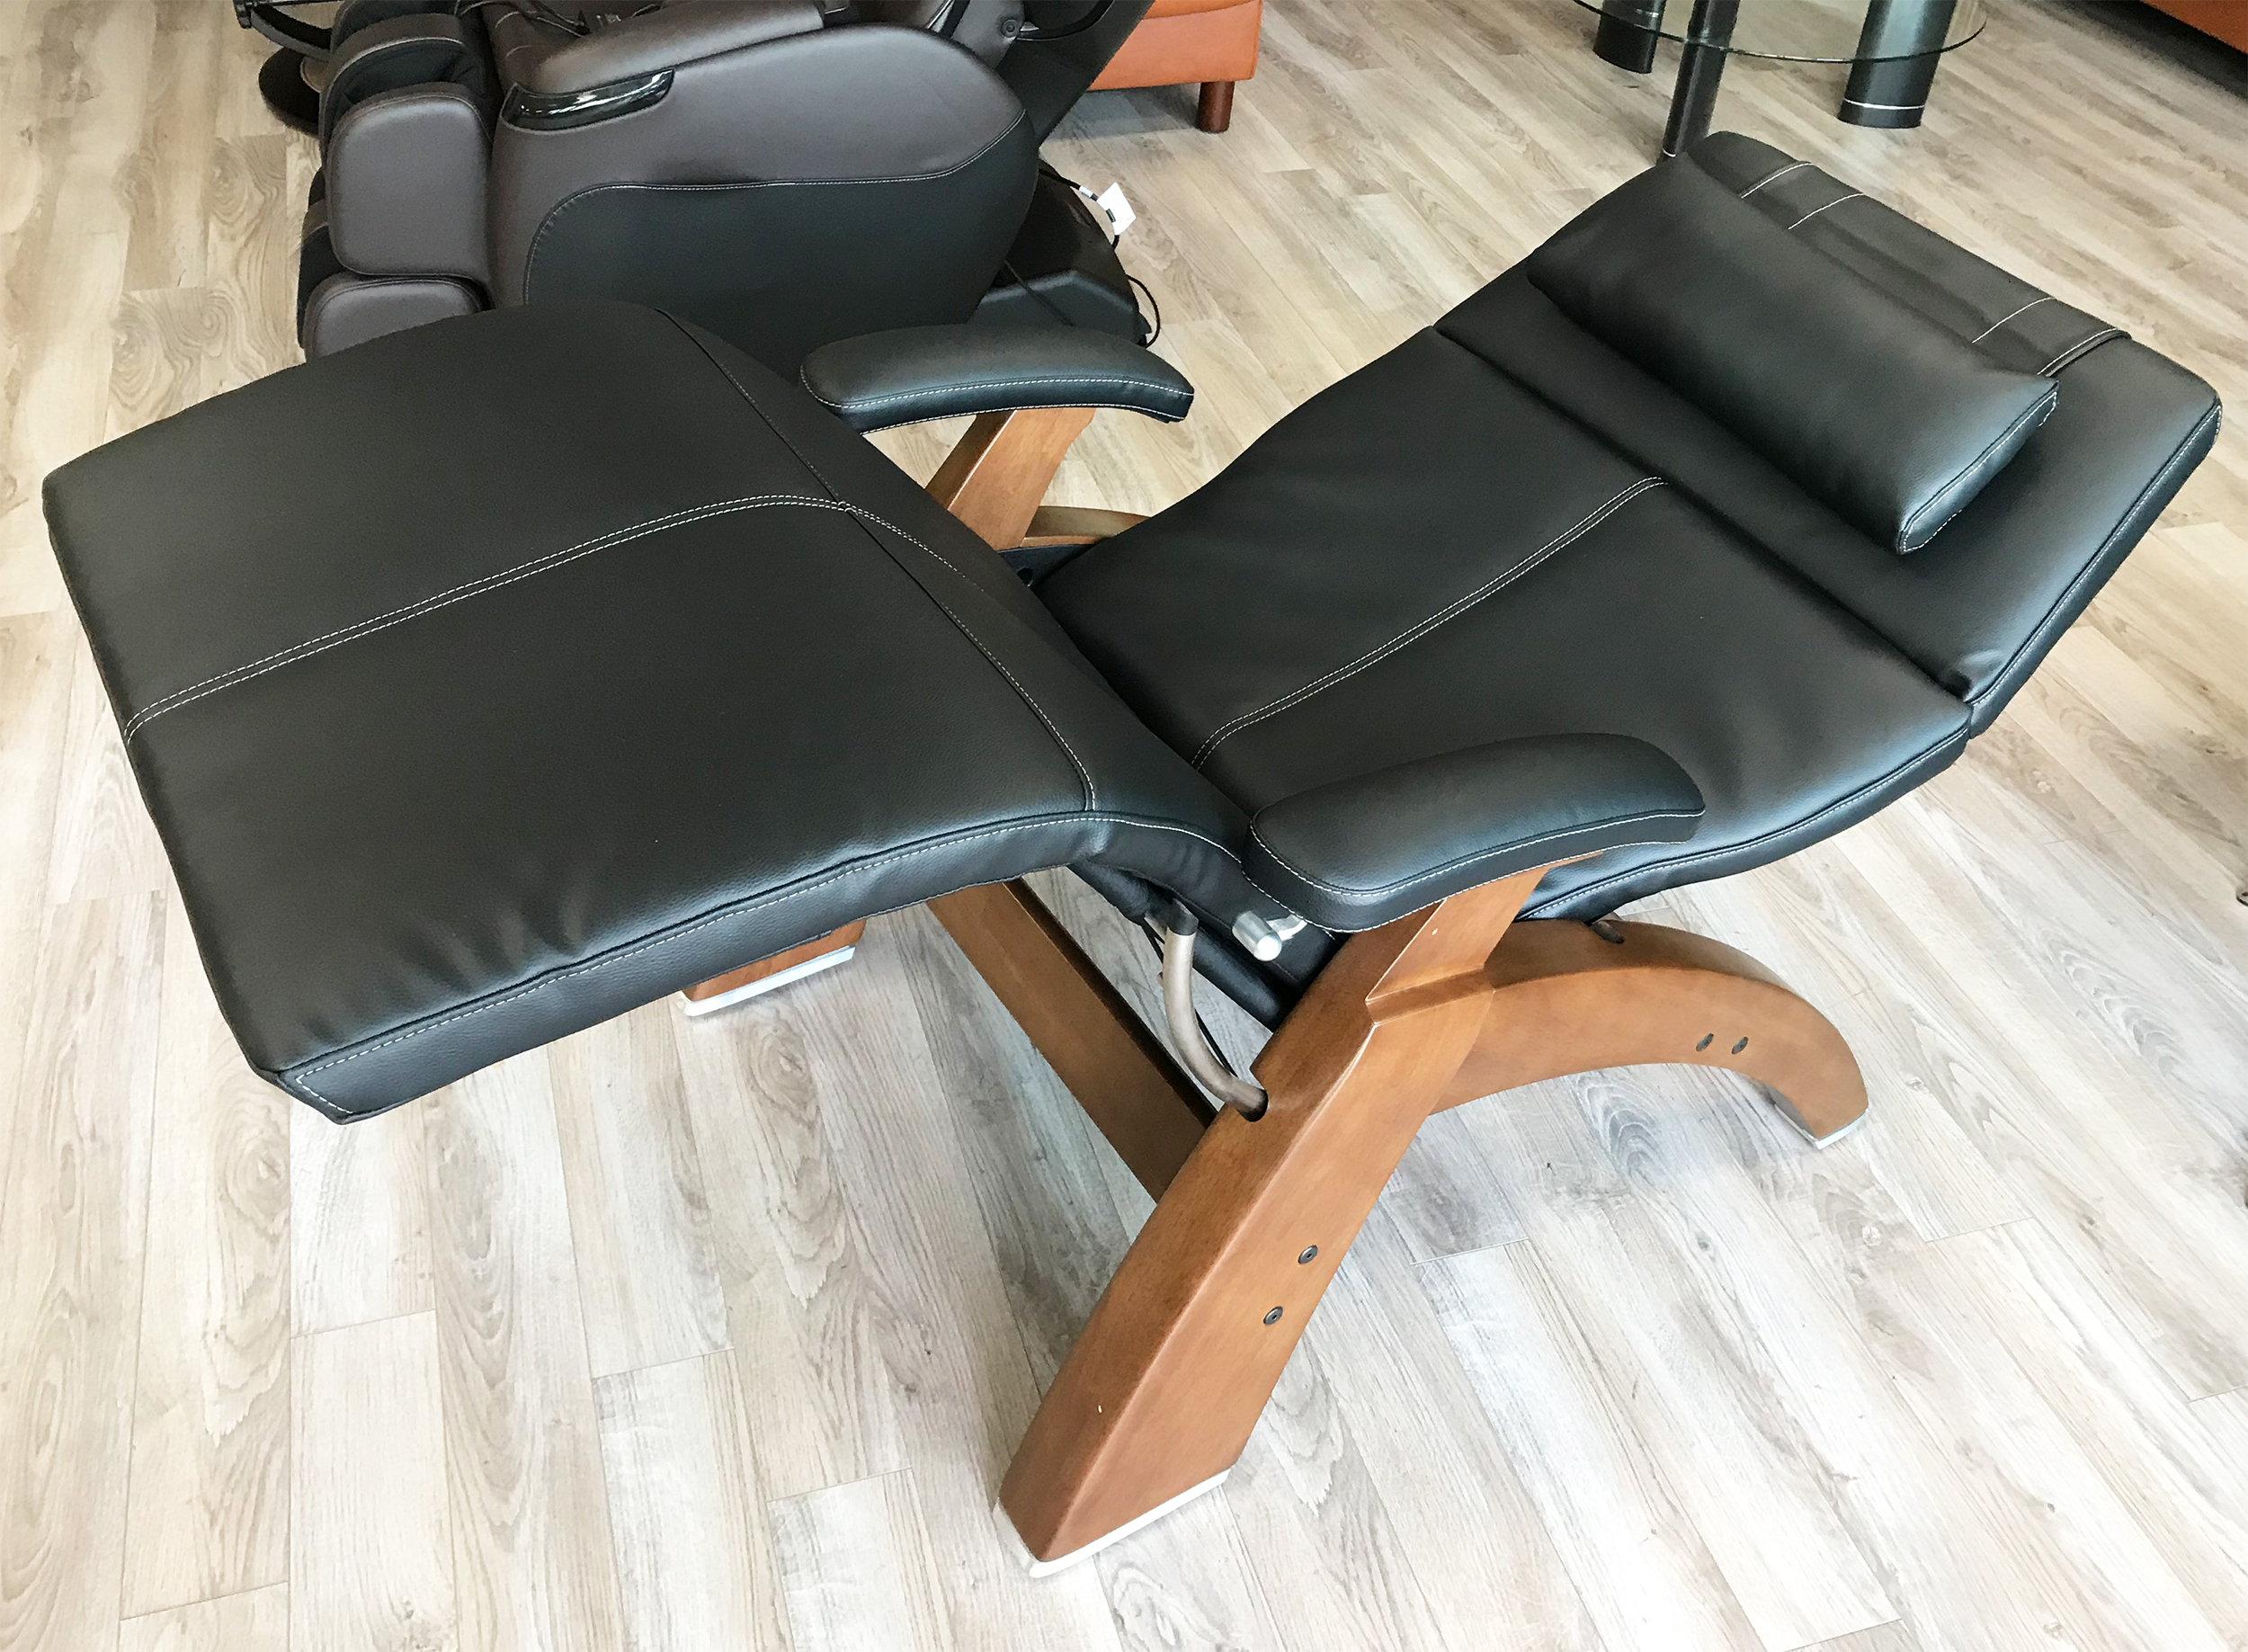 Black Premium Leather Pc 420 Classic Manual Plus Perfect Zero Gravity Chair Ergonomic Recliner